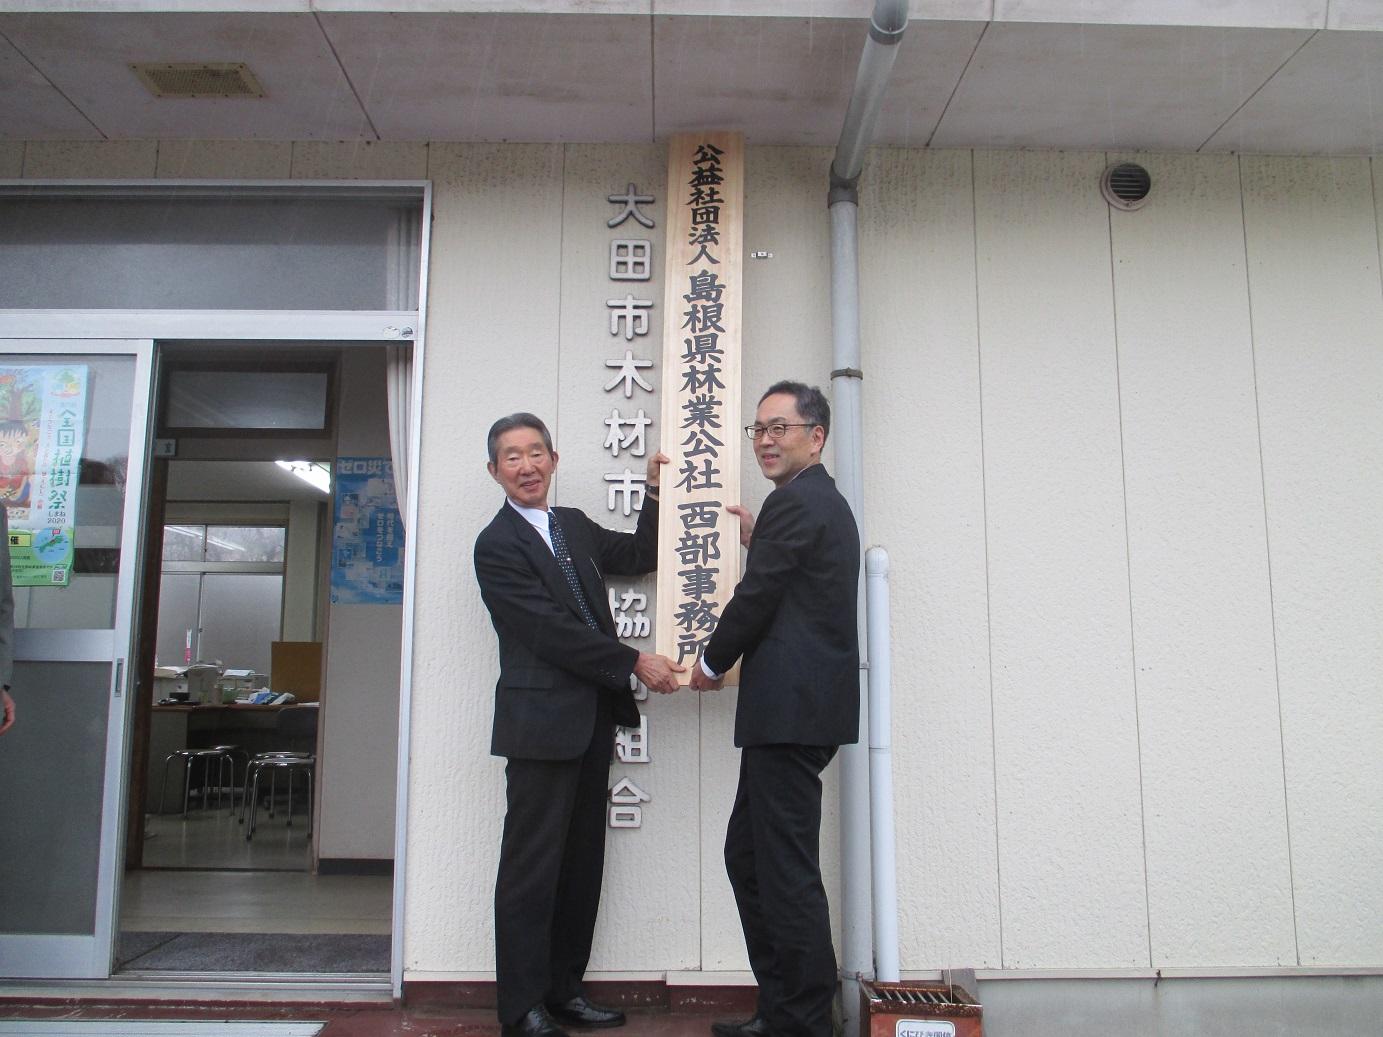 西部事務所看板設置(松尾理事長、杉原西部事務所長)